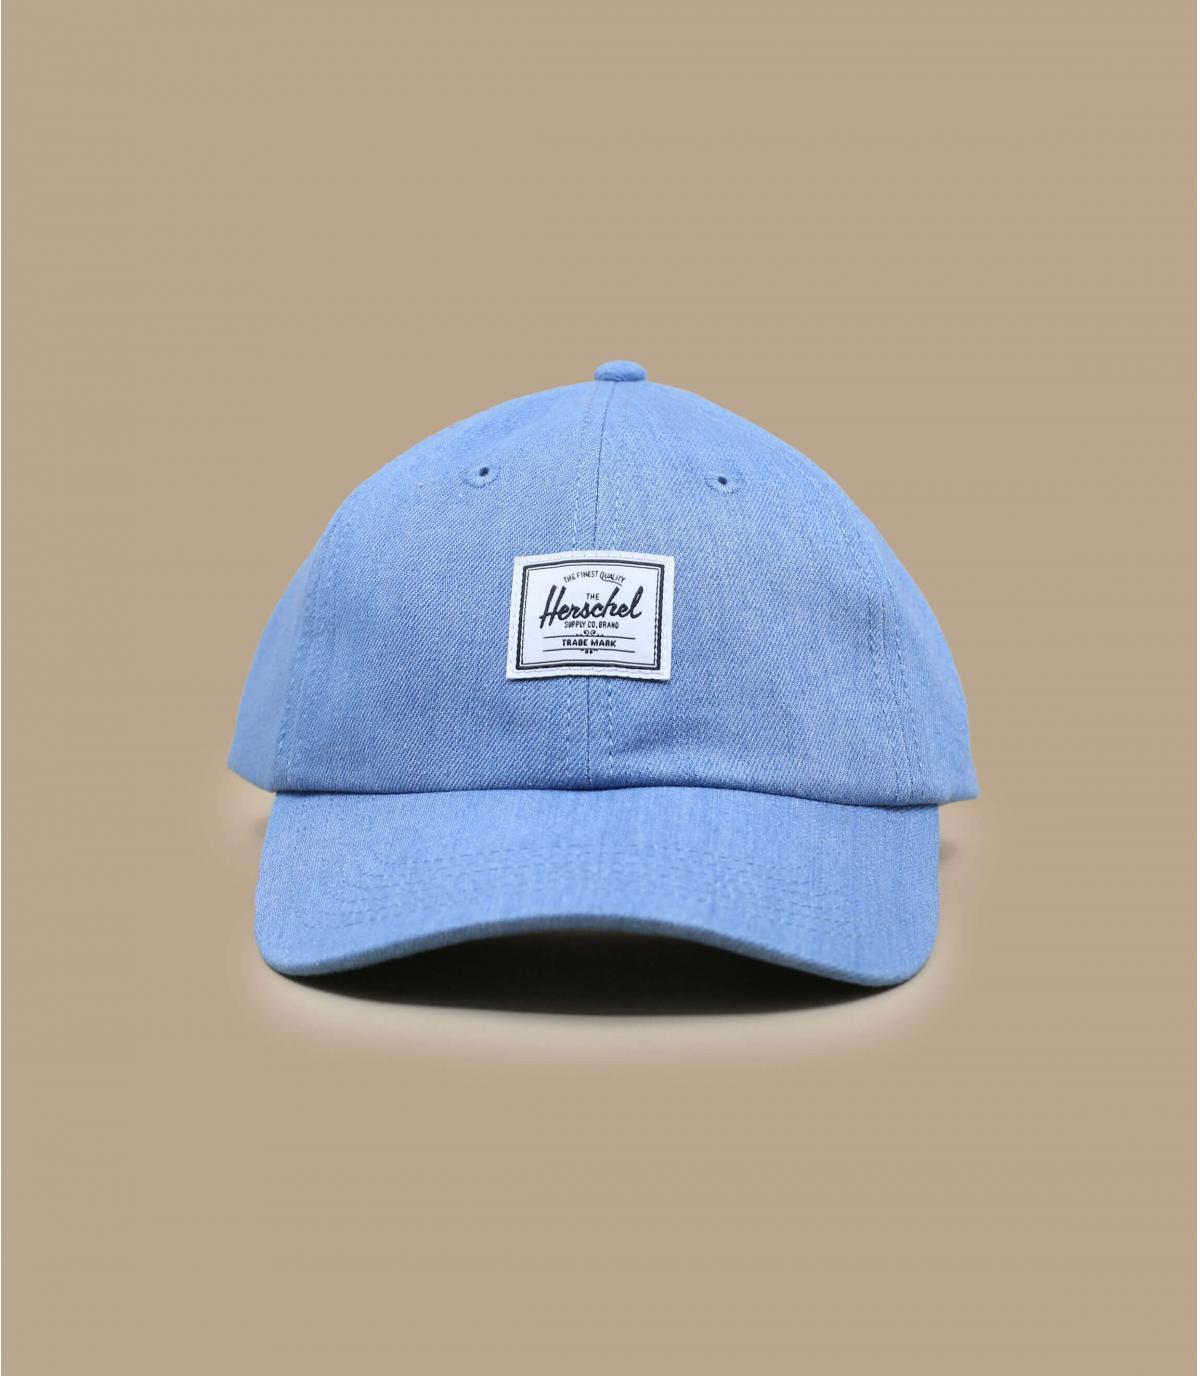 cappellino Herschel blu cielo